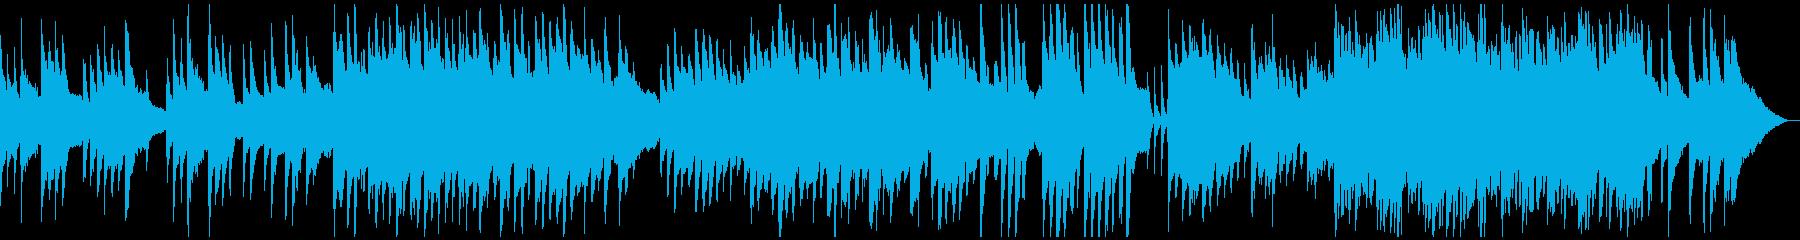 切ないピアノのインストの再生済みの波形